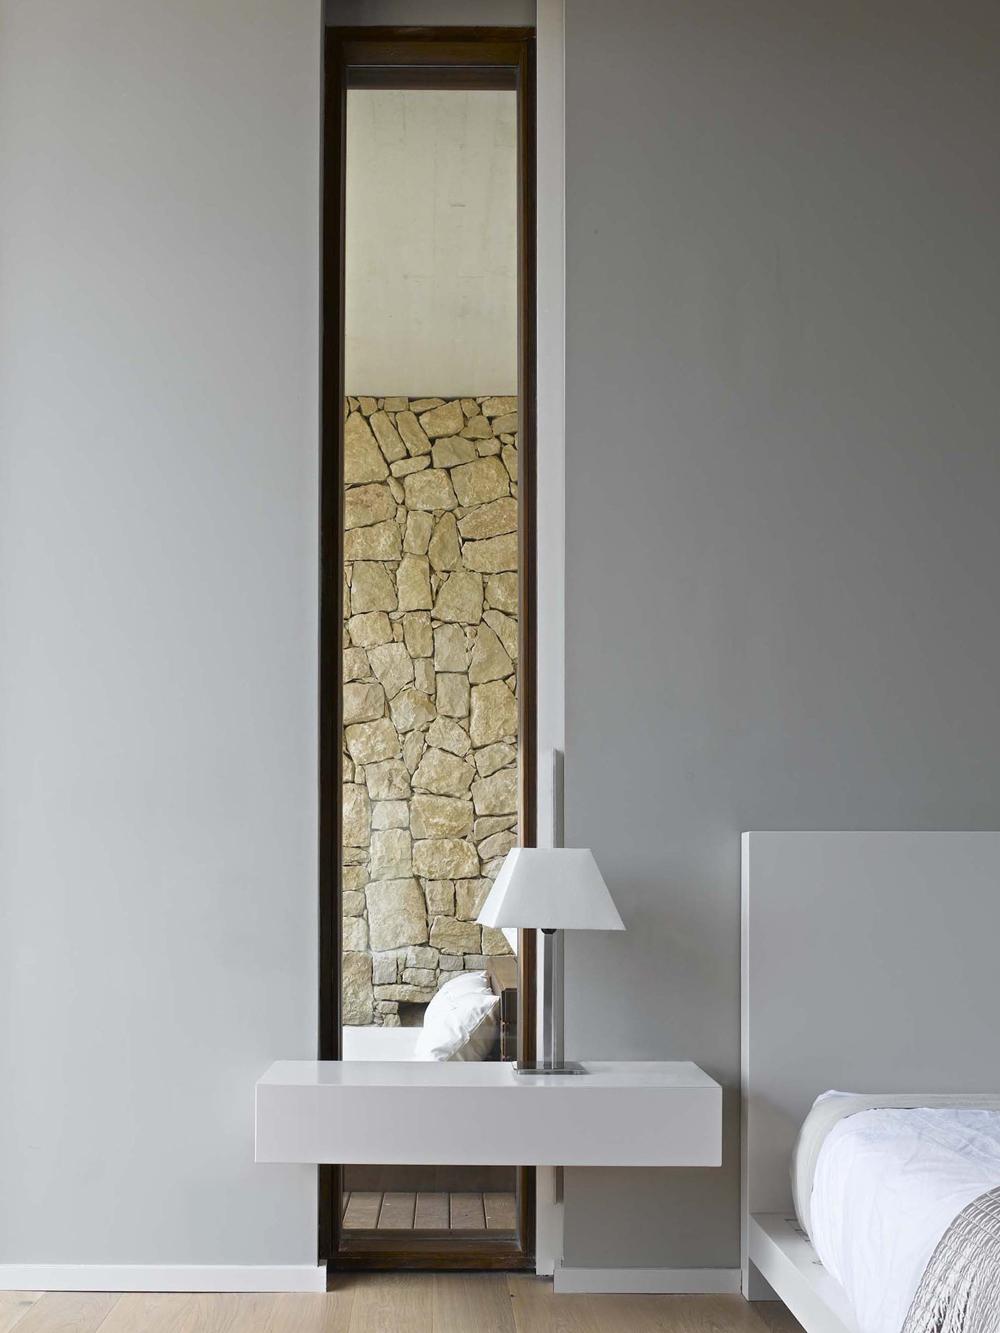 Tall Mirror Bedroom Contemporary Home in Monasterios